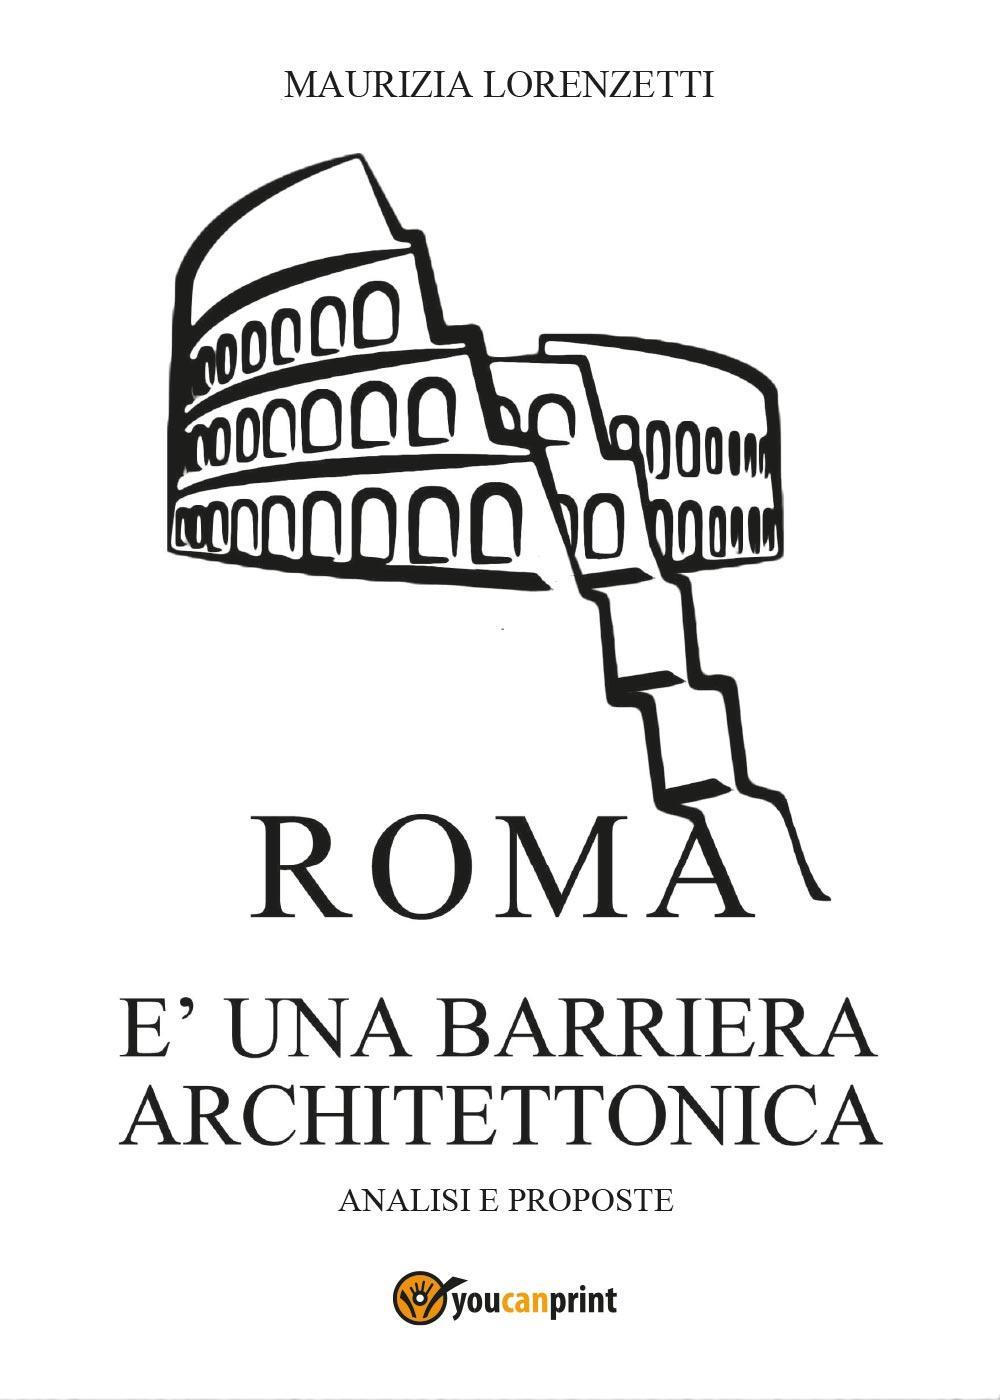 Roma è una barriera architettonica - Analisi e proposte